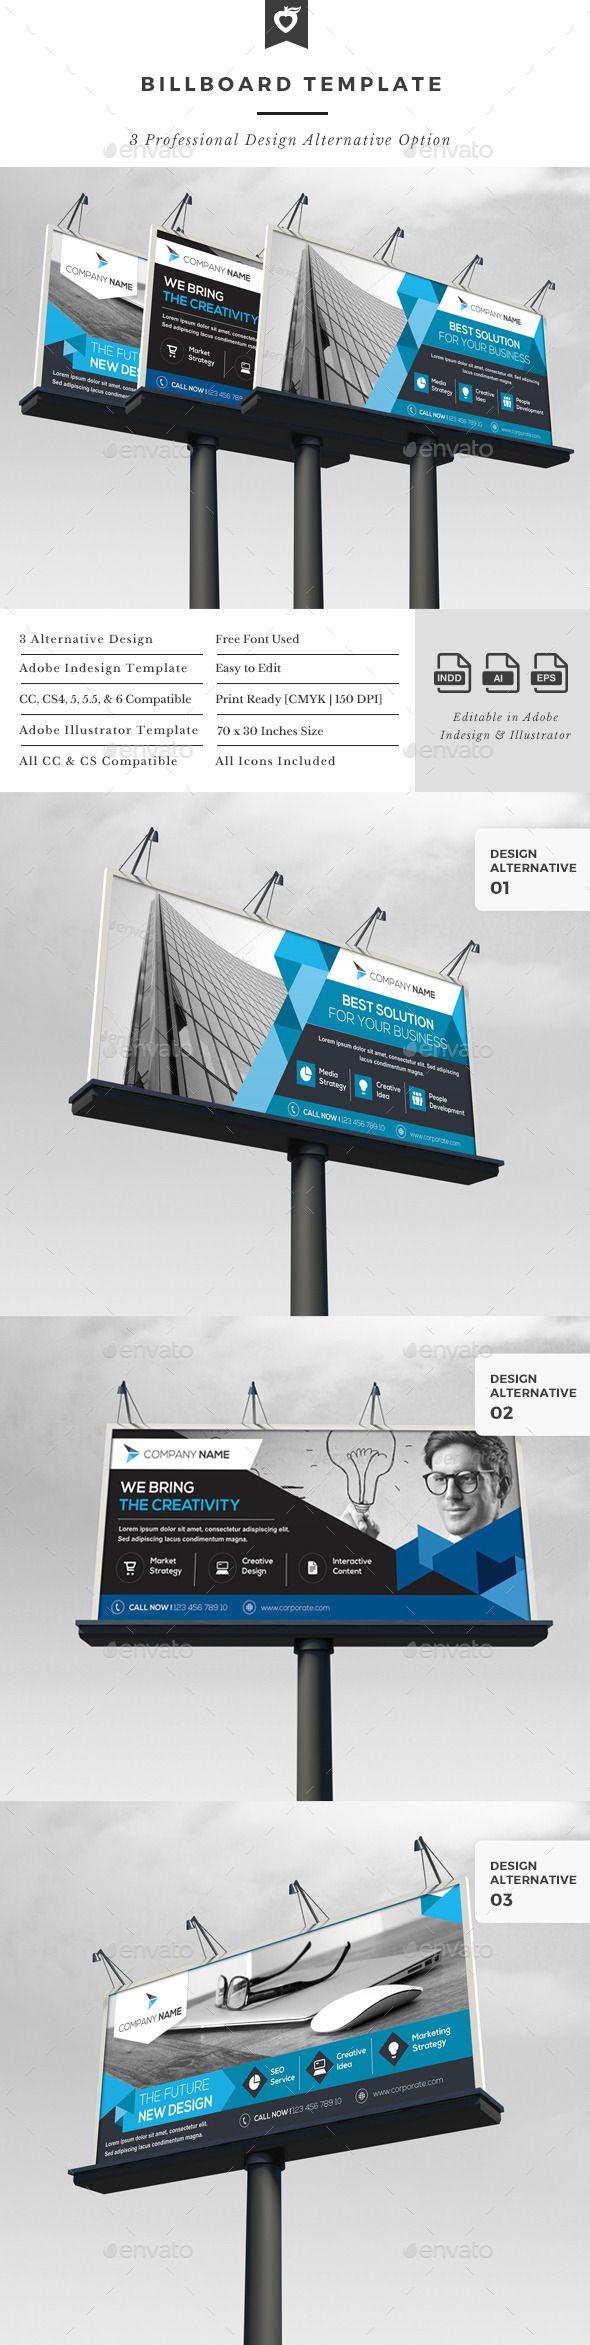 Best 25+ Billboard design ideas on Pinterest | Online graphic ...